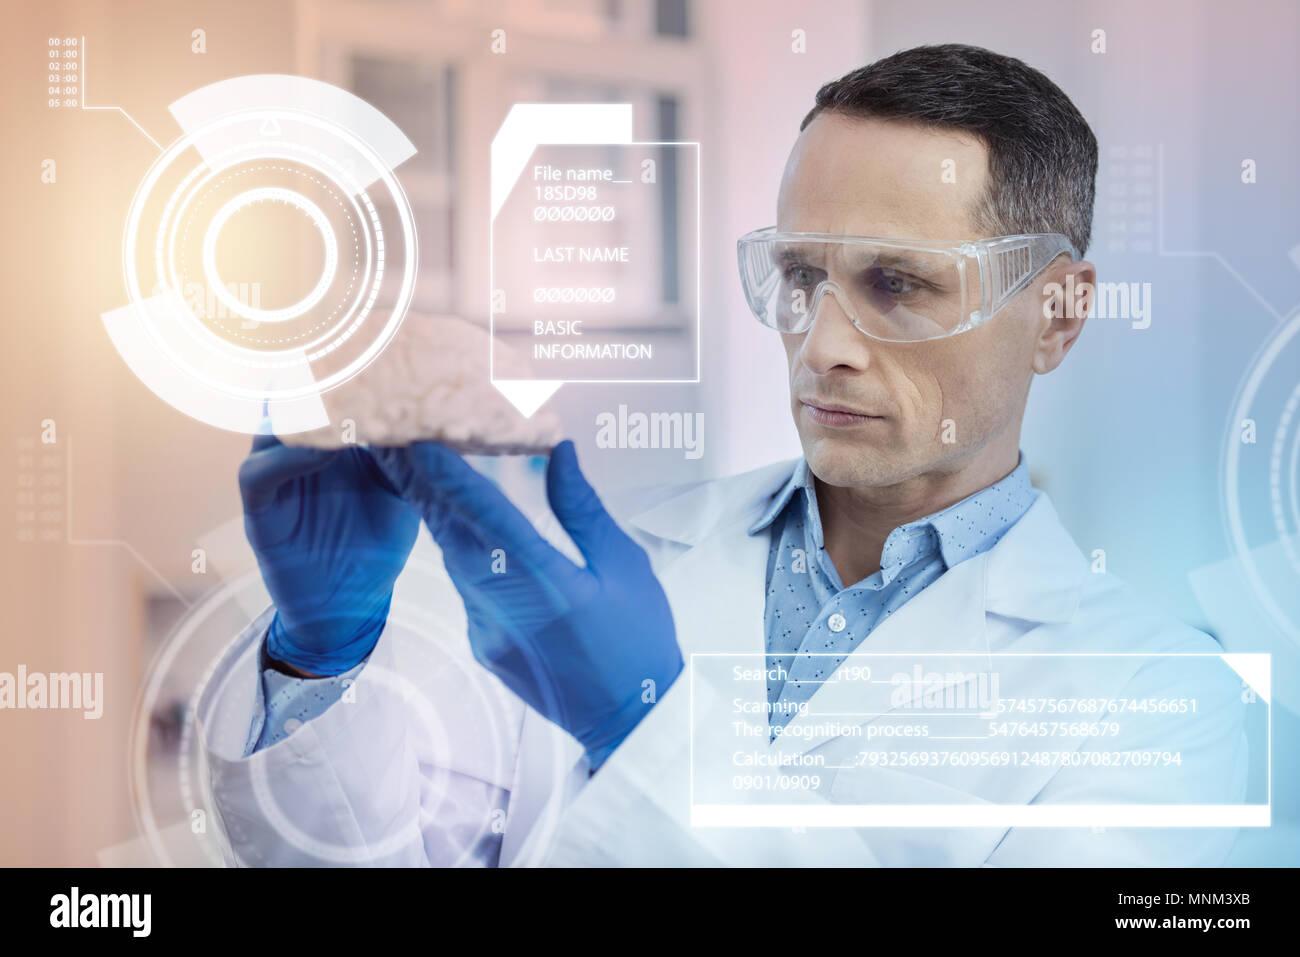 Attento medico guardando la miniatura del cervello mentre si lavora con gli occhiali Immagini Stock